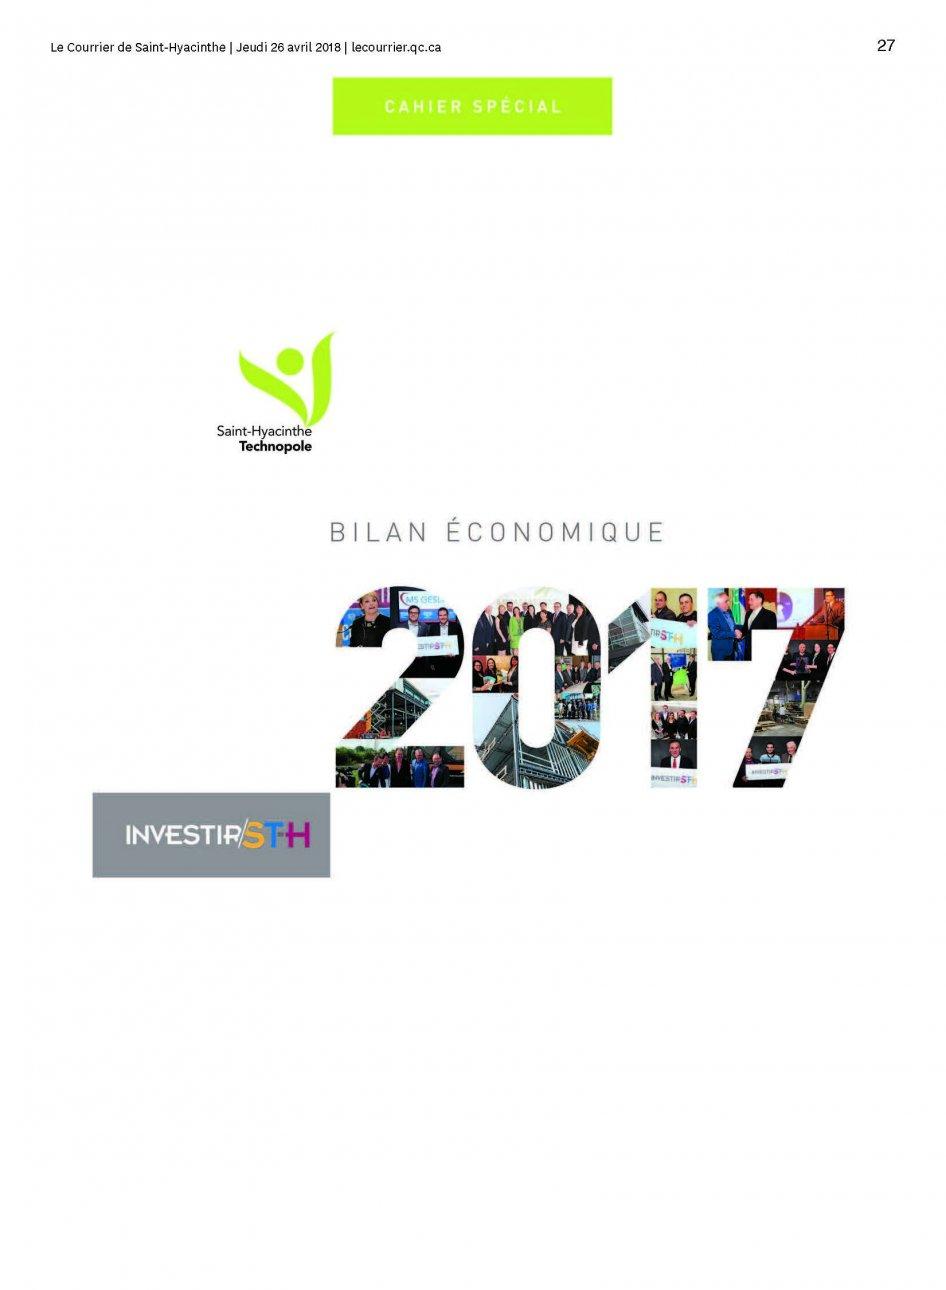 Cahier spécial Bilan économique 2017 – Le Courrier de Saint-Hyacinthe